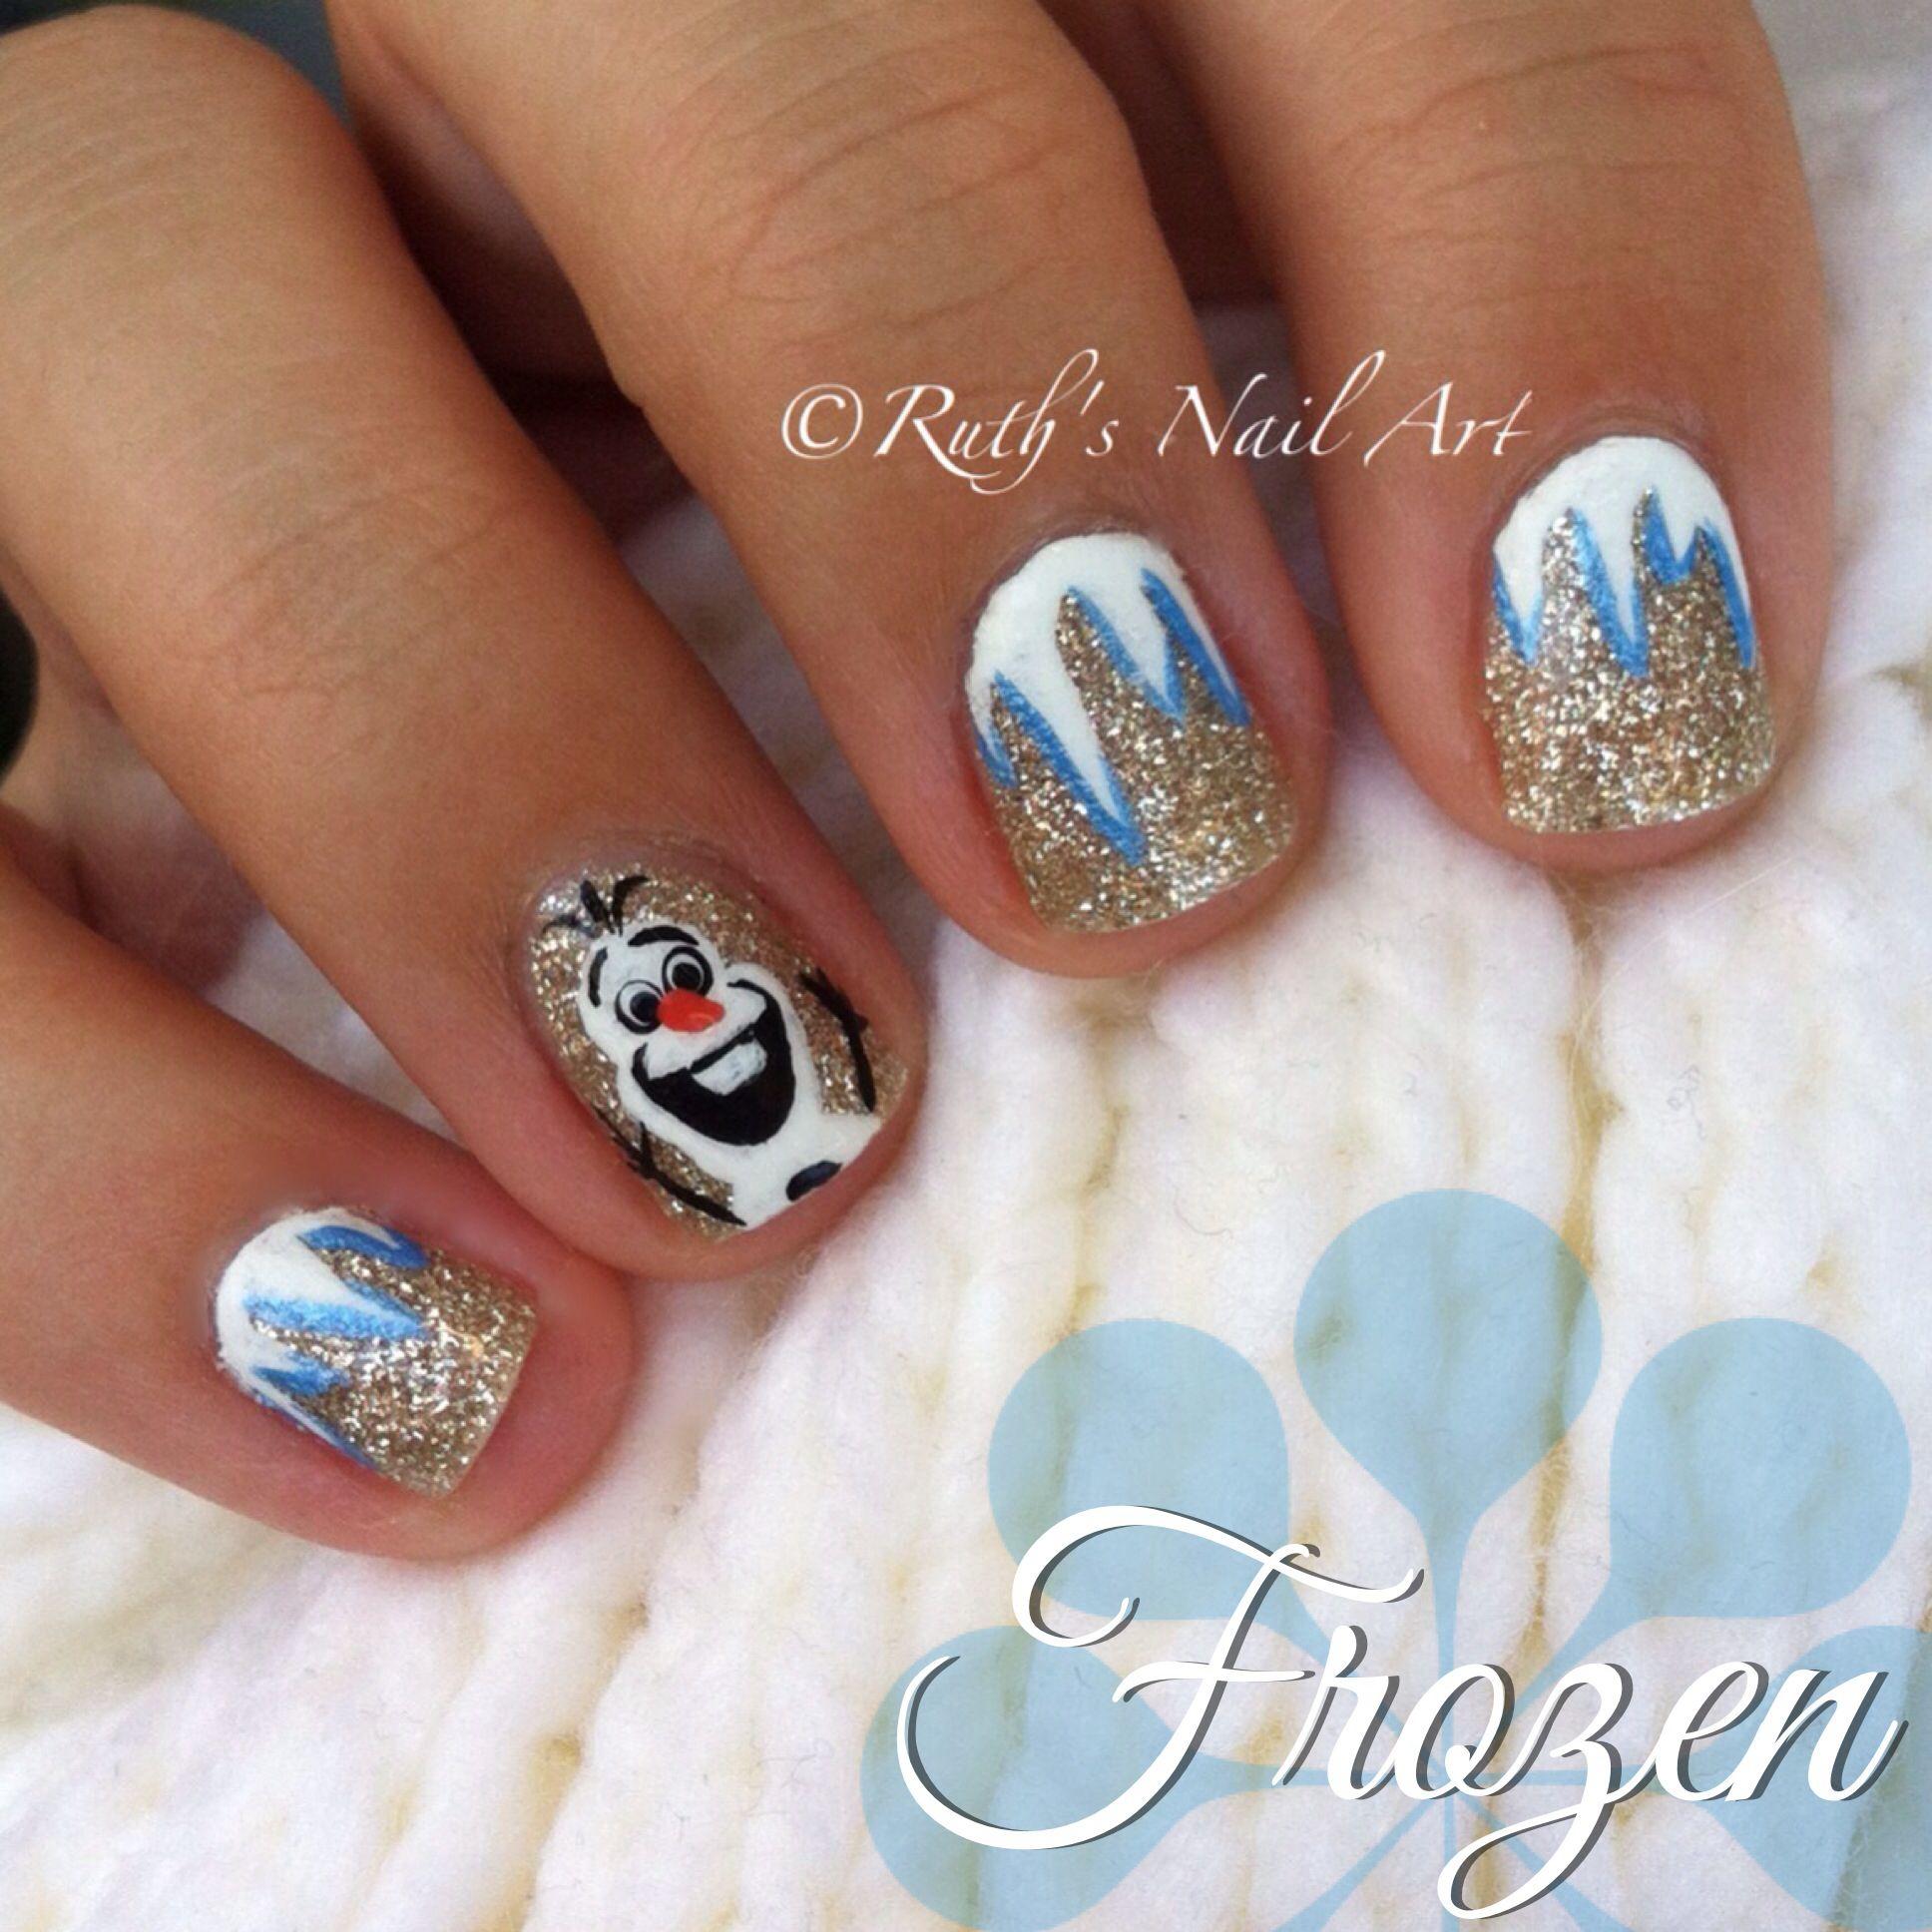 Disney\'s Frozen inspired nail art--Olaf! - Hallie | Pinterest ...